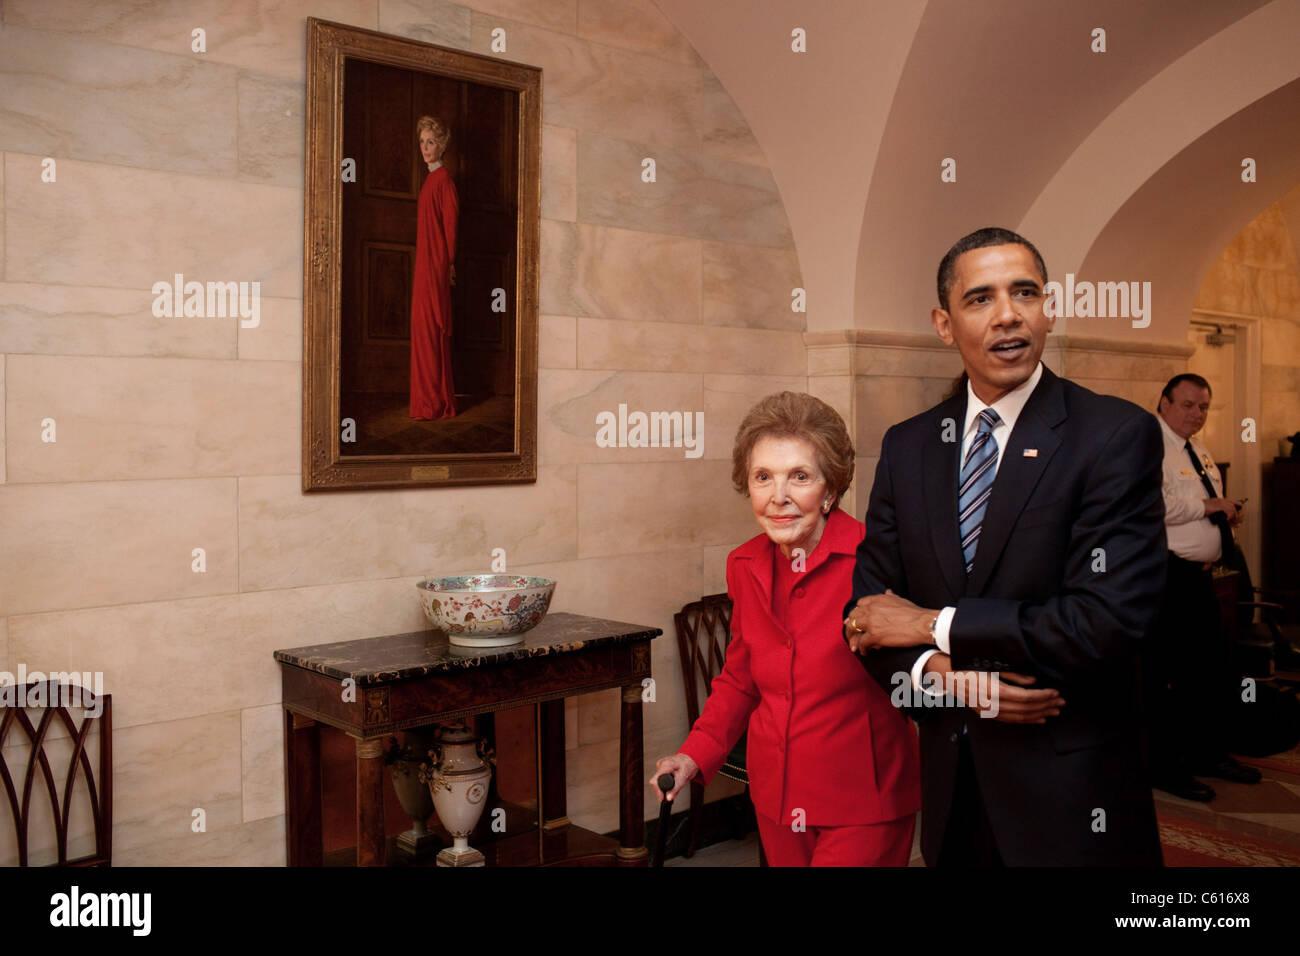 Präsident Obama und ehemalige First Lady Nancy Reagan gehen durch das Weiße Haus vorbei an ihrem offiziellen Stockbild